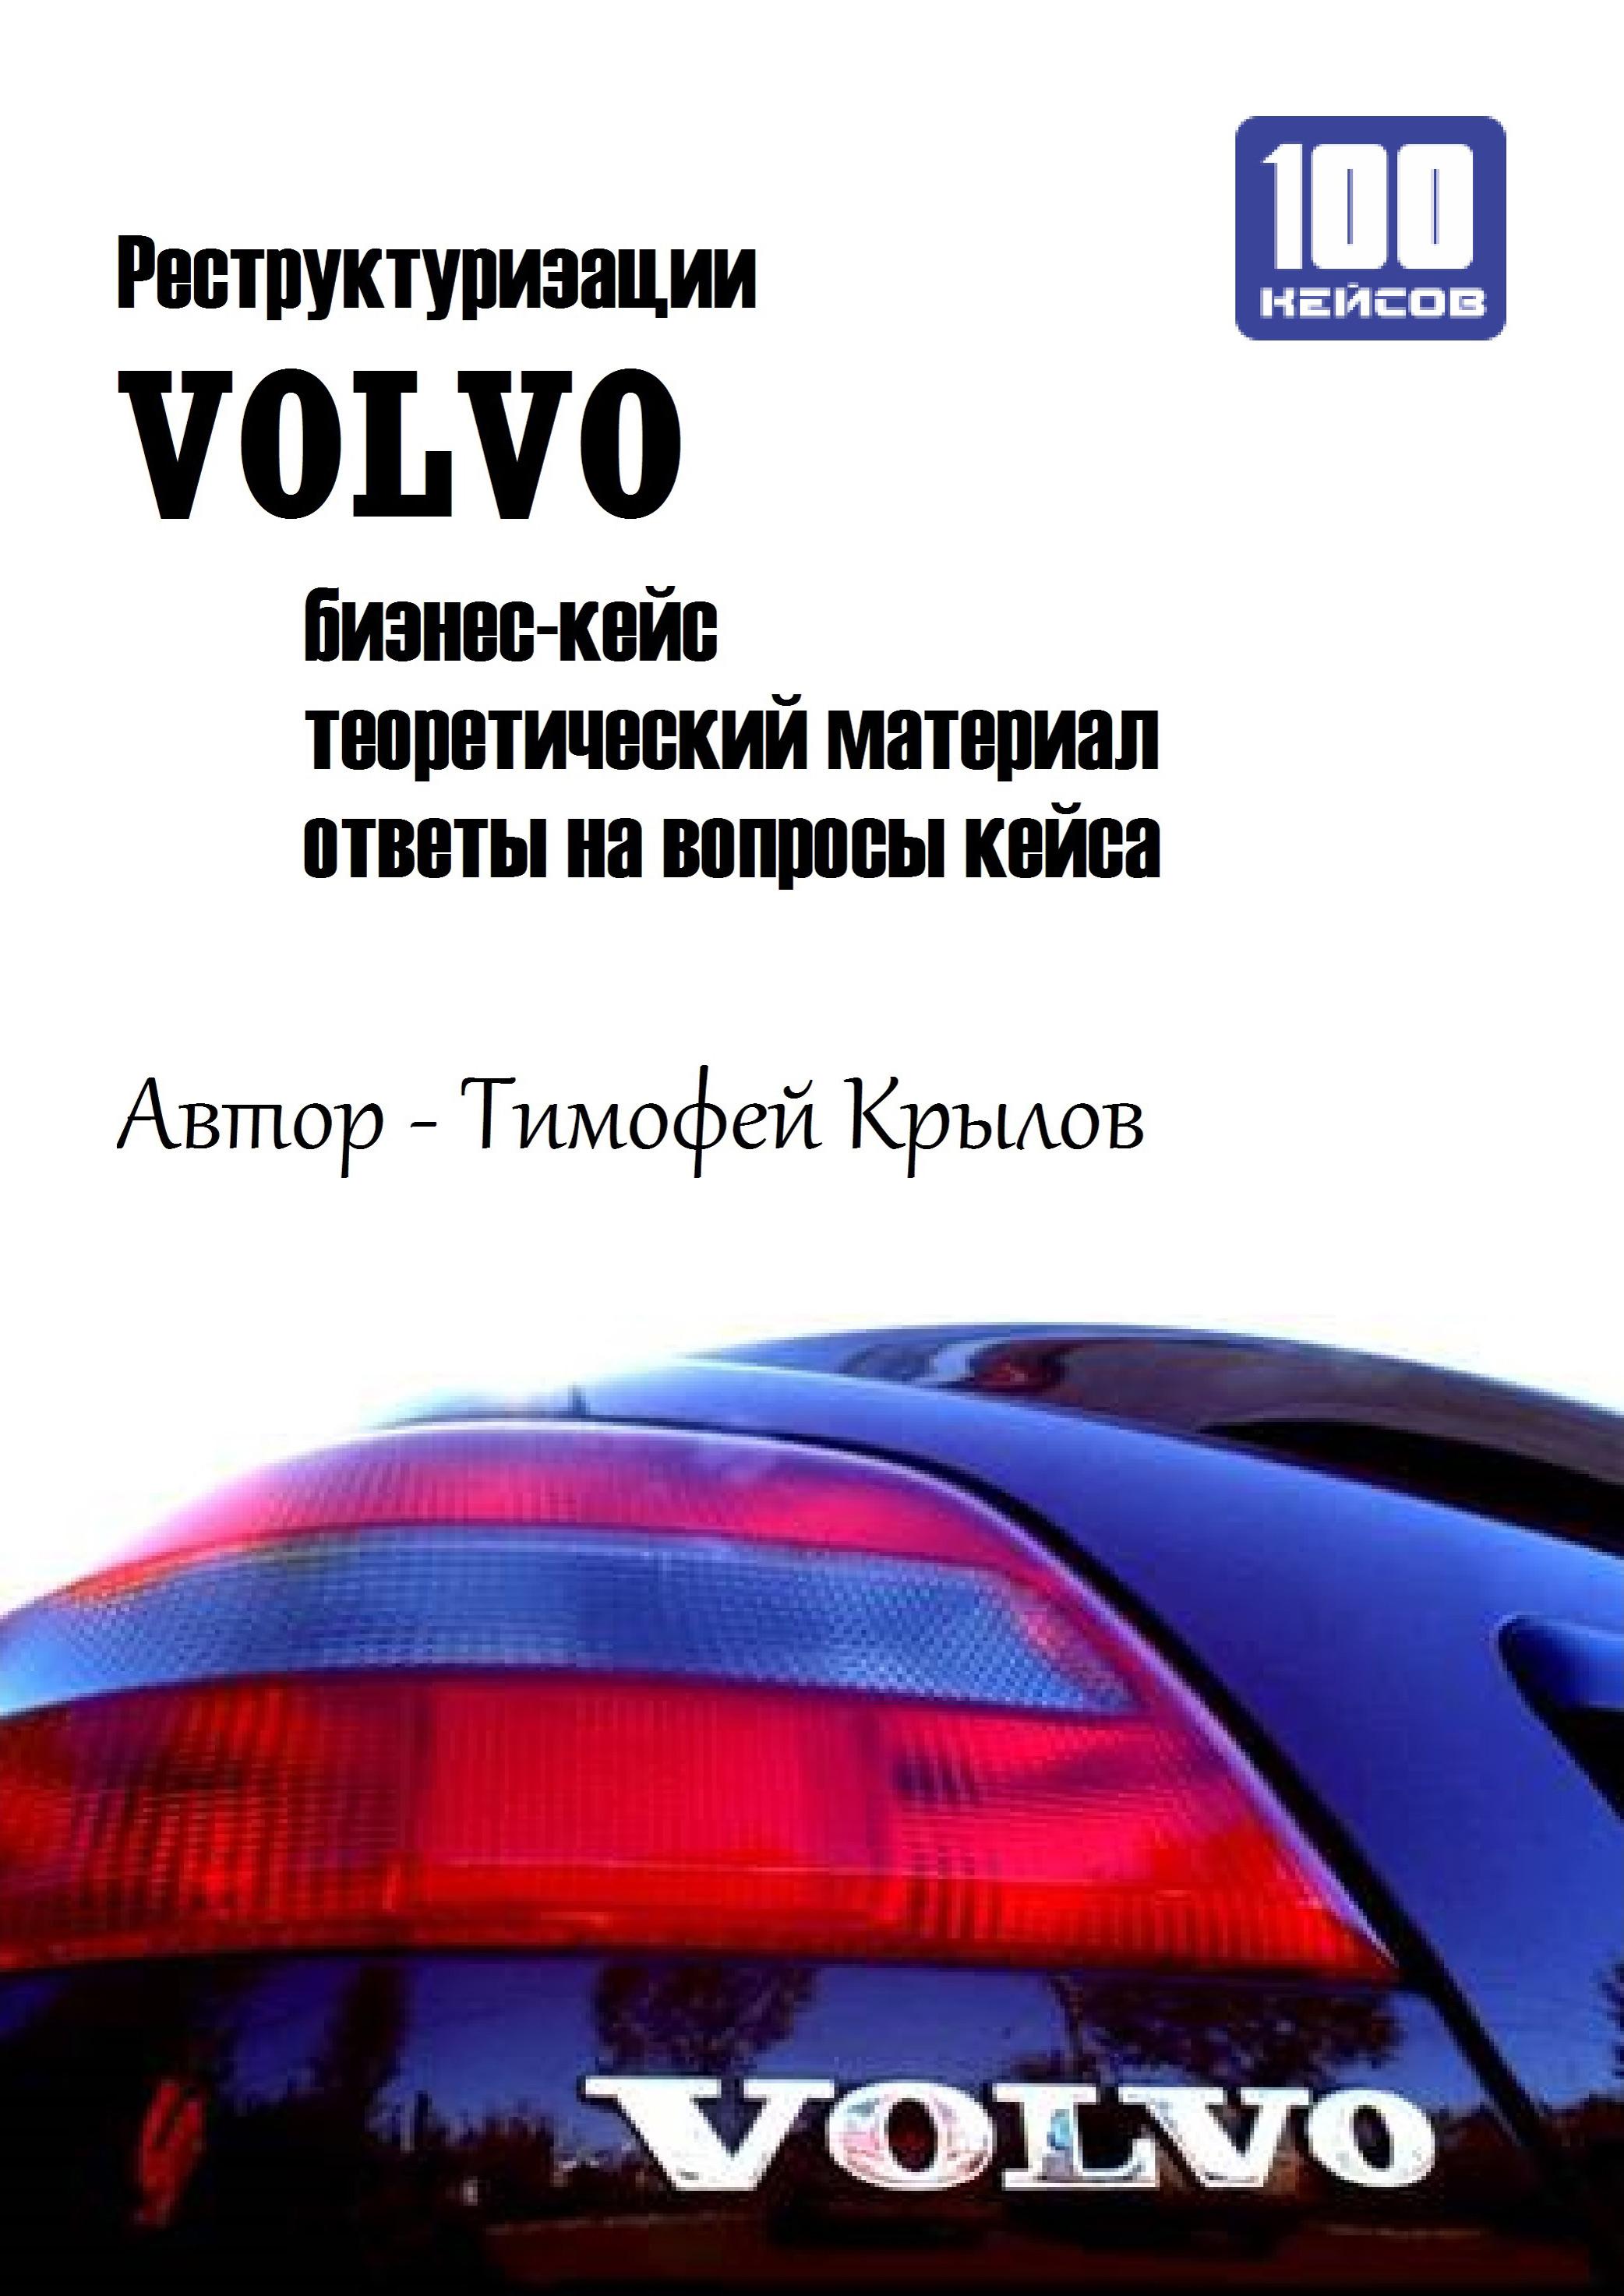 Обложка книги. Автор - Тимофей Крылов